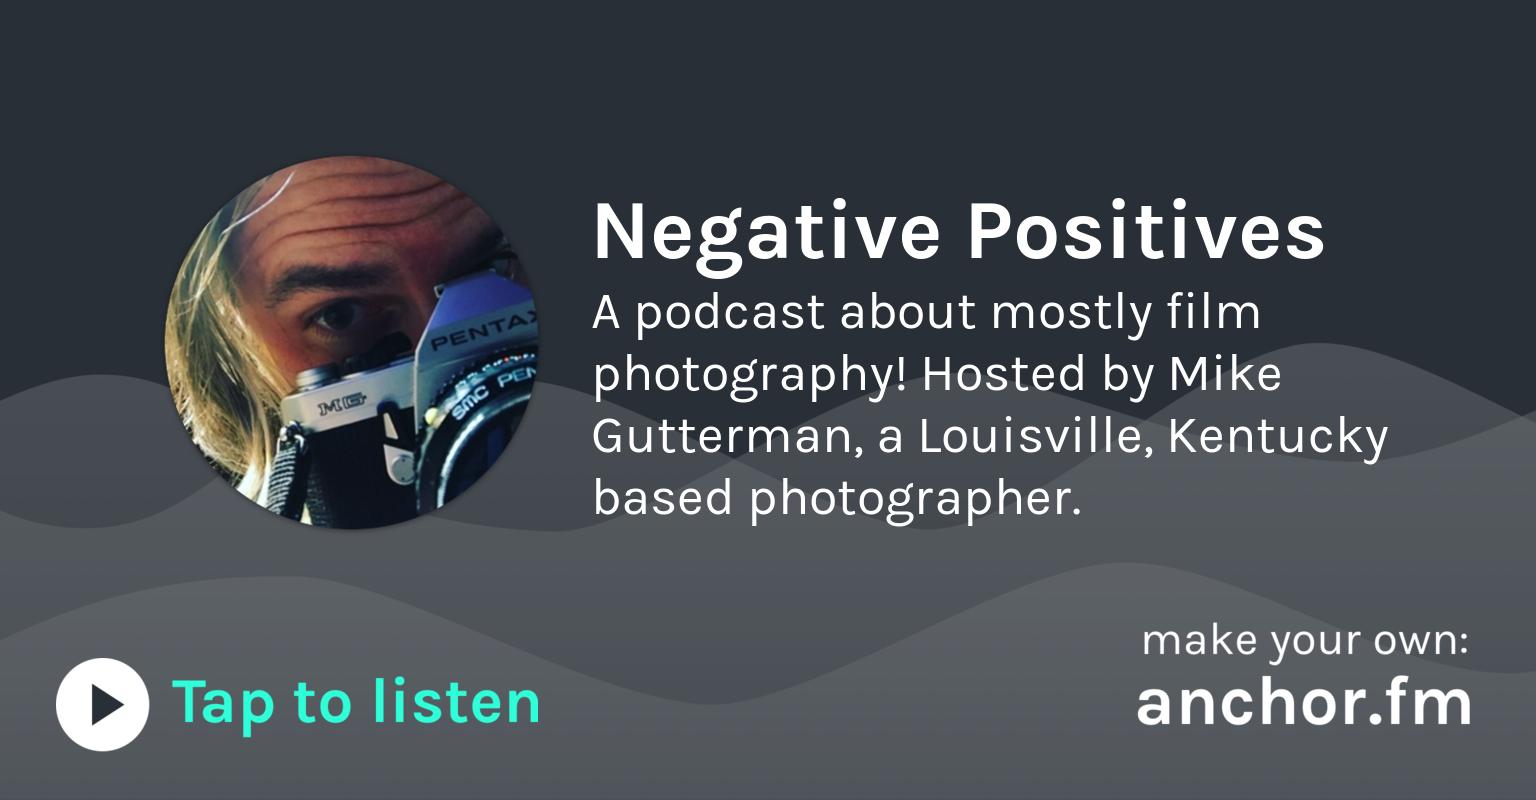 Negative Positives Podcast #227 by Negative Positives Film